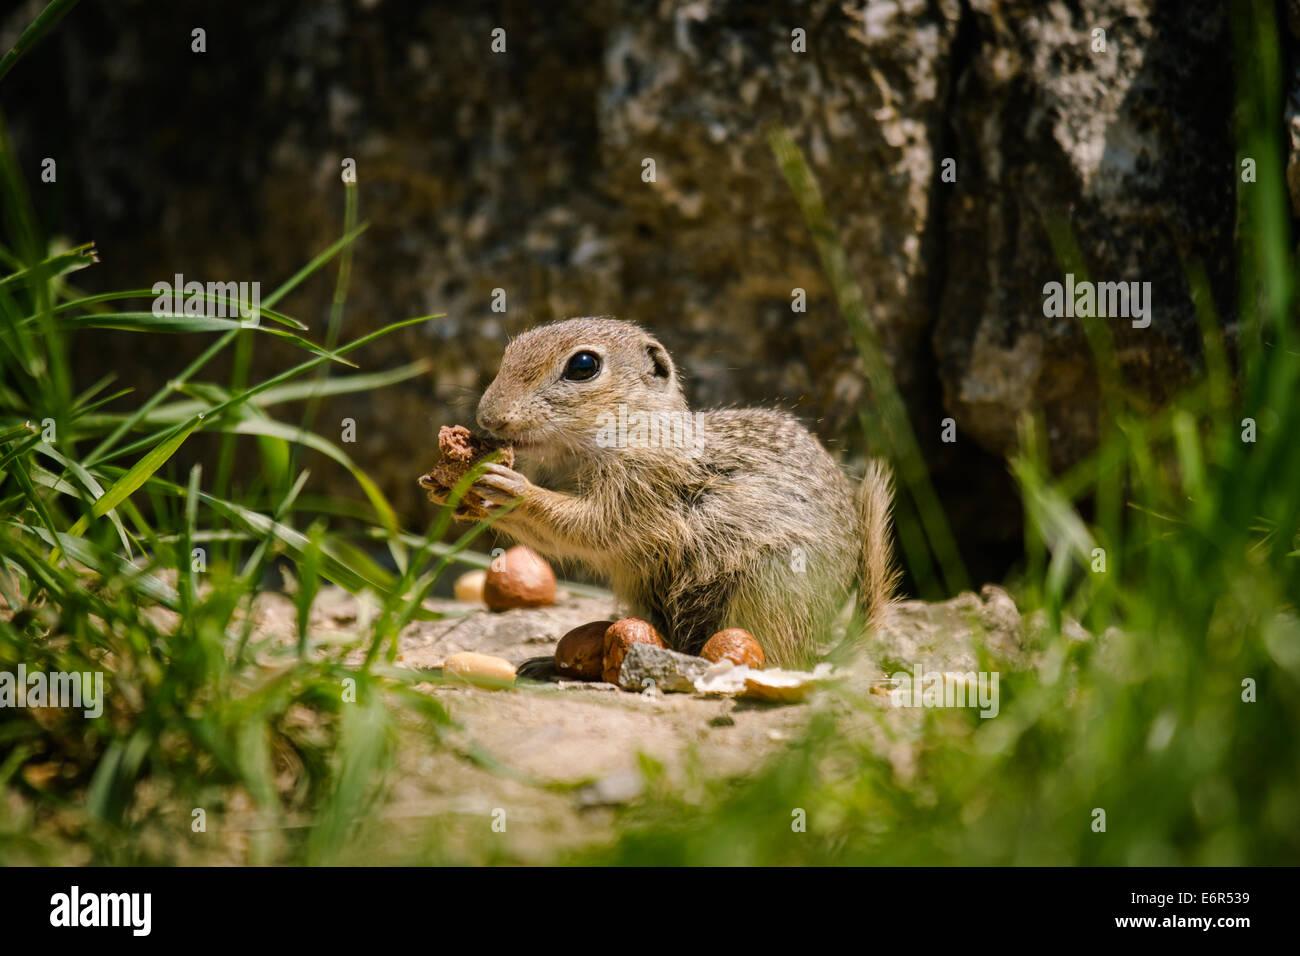 European ground squirell (Spermophilus citellus) Stock Photo